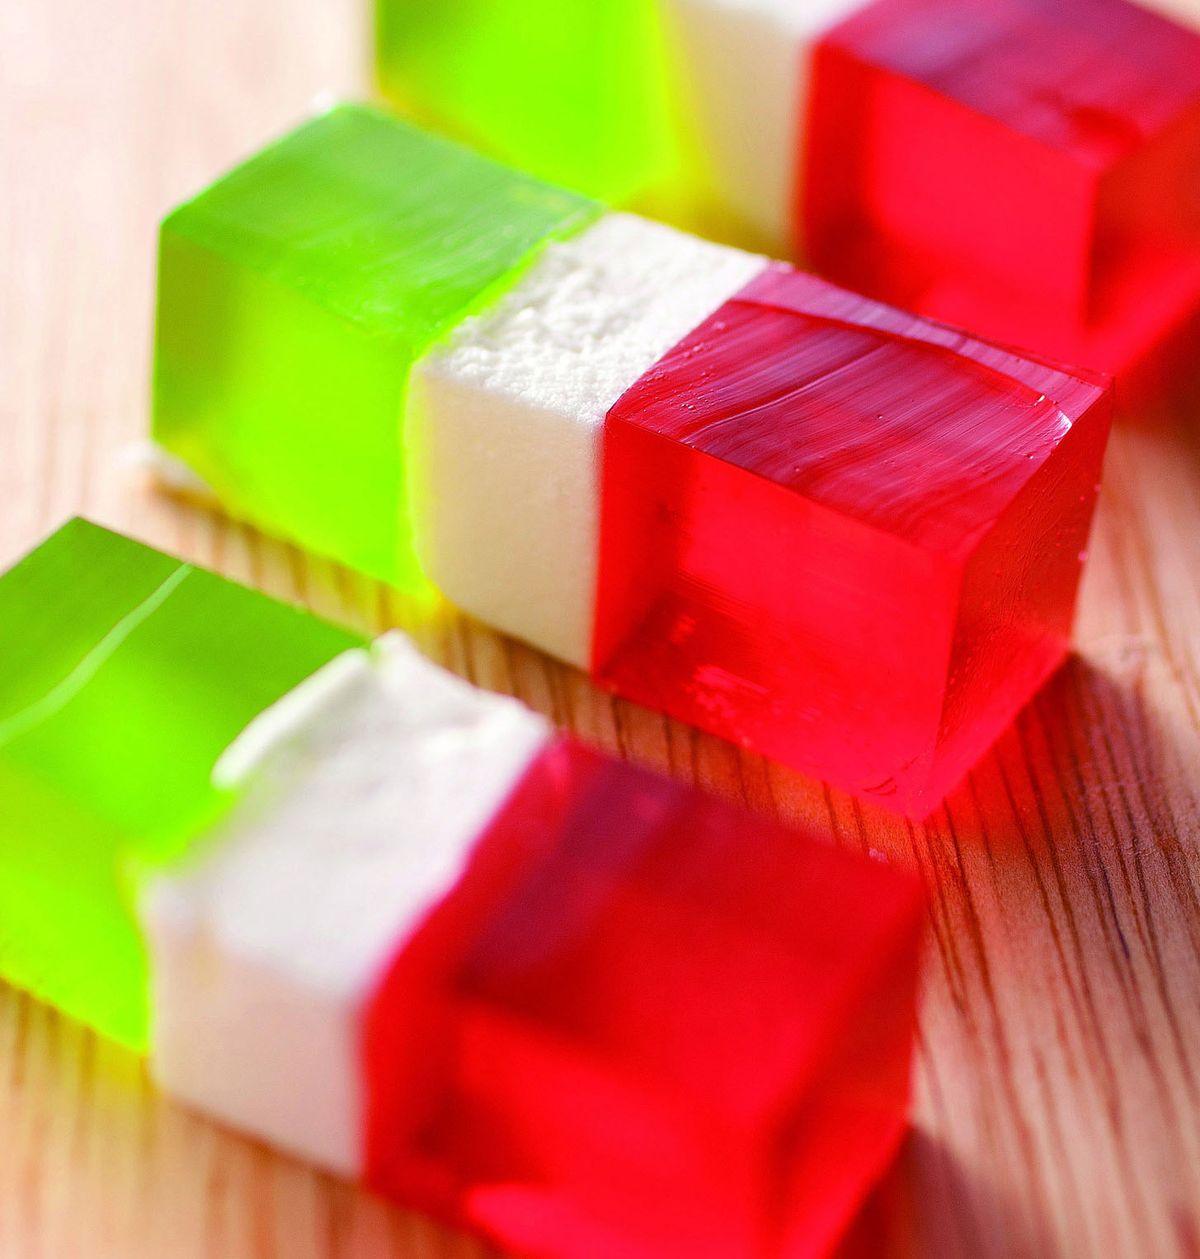 食譜:三色洋菜軟糖